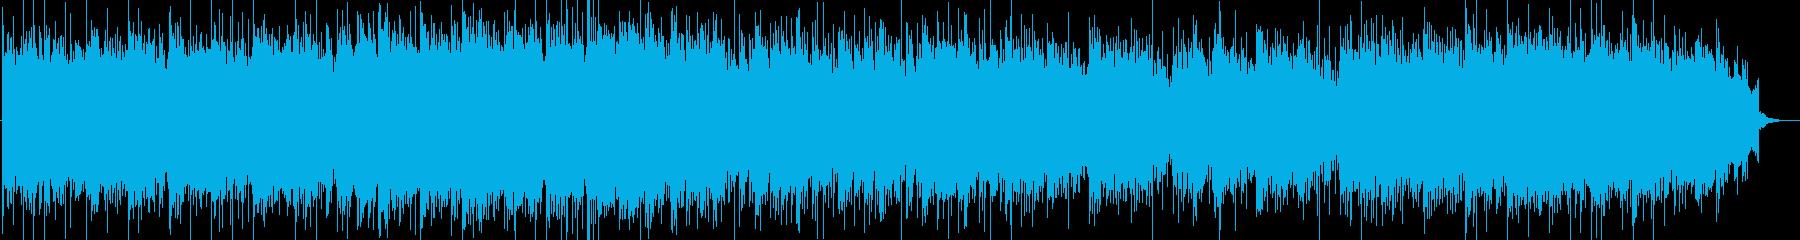 不穏な雰囲気の和風の曲の再生済みの波形